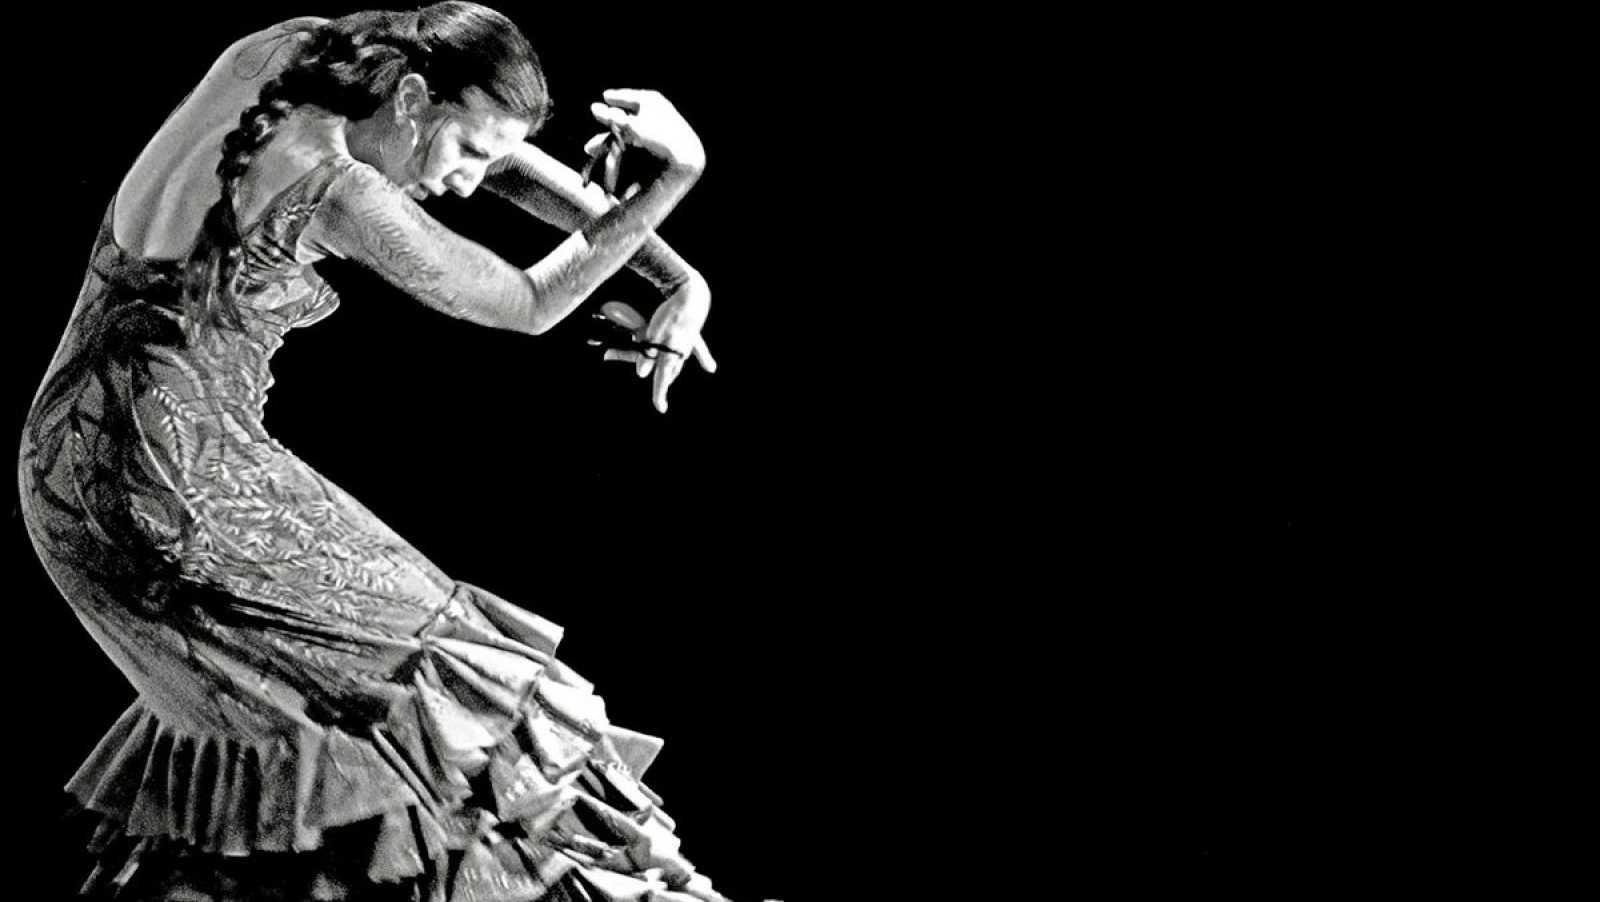 Nuestro flamenco - La mirada de Joss Rodríguez - 15/12/16 - escuchar ahora